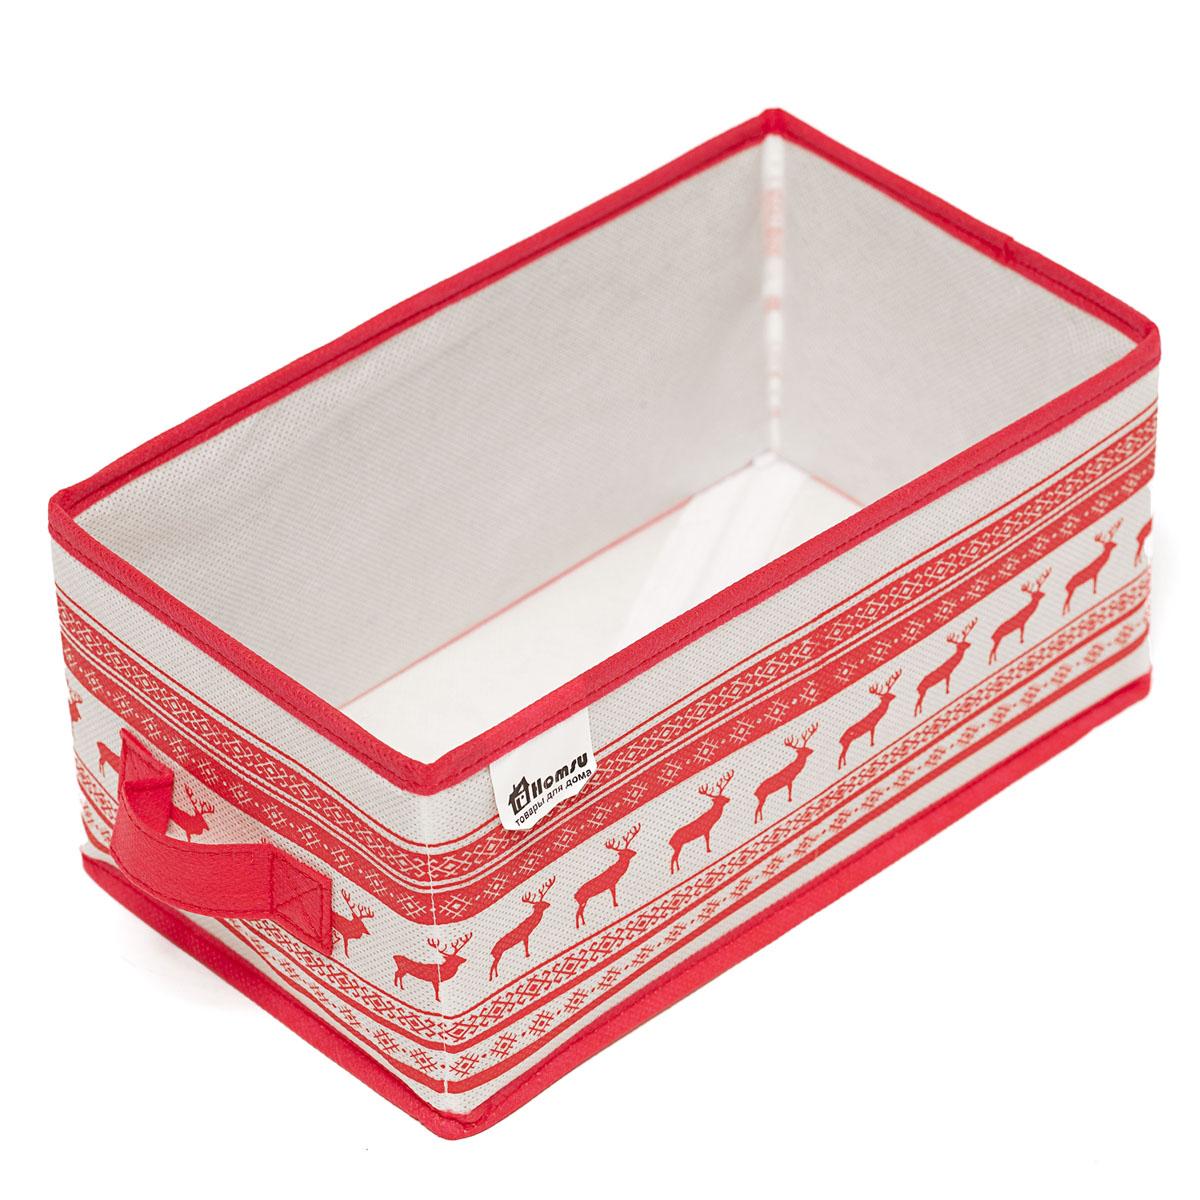 Кофр для хранения Homsu Scandinavia, 28 х 14 х 13 смHOM-124Универсальная коробочка для хранения любых вещей. Оптимальный размер позволяет хранить в ней любые вещи и предметы. Имеет жесткие борта, что является гарантией сохраности вещей. Фактический цвет может отличаться от заявленного.